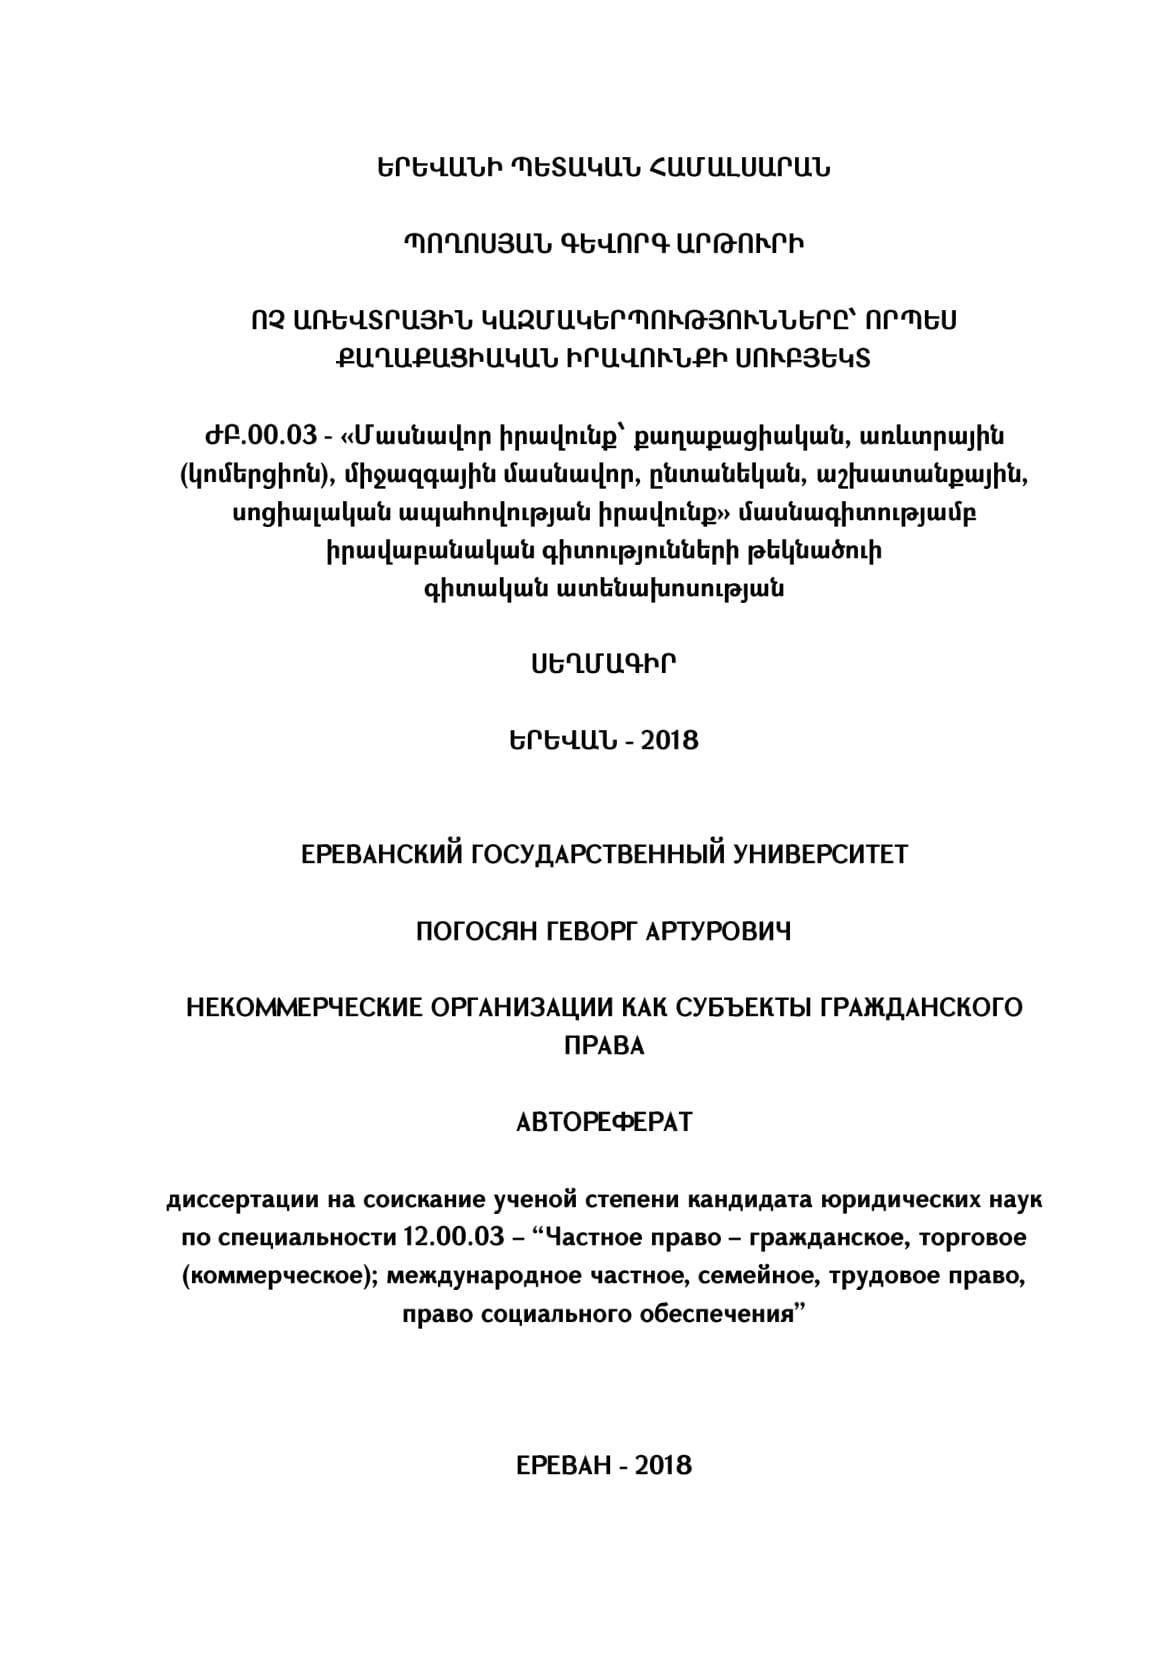 диссертации некоммерческие организации